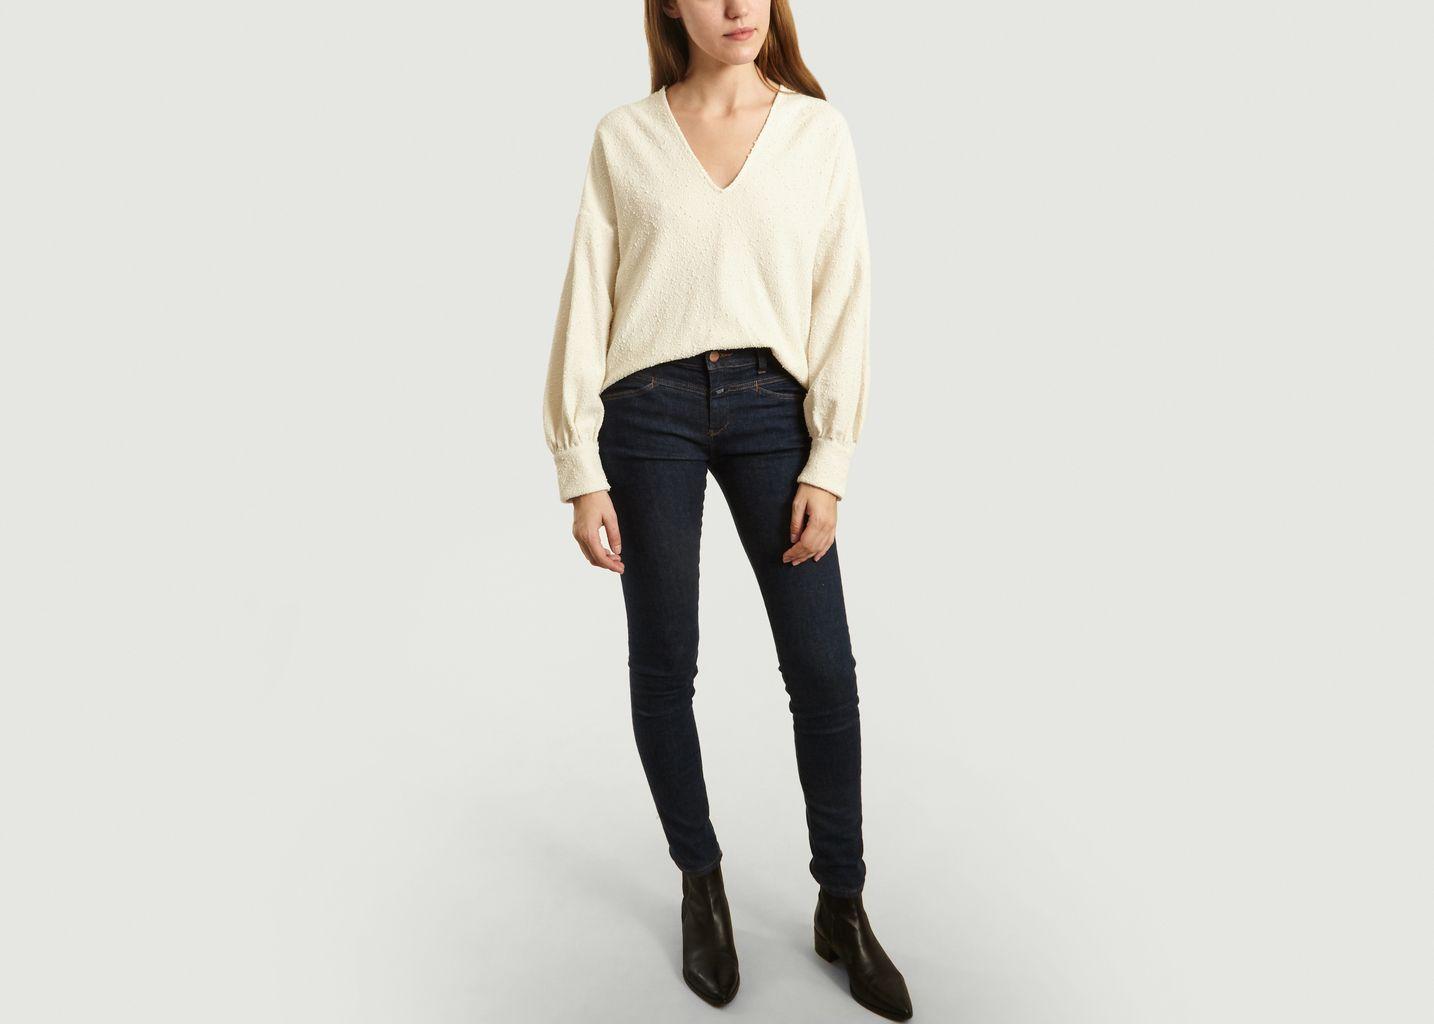 Top Sydney Coton Bouclette - Roseanna